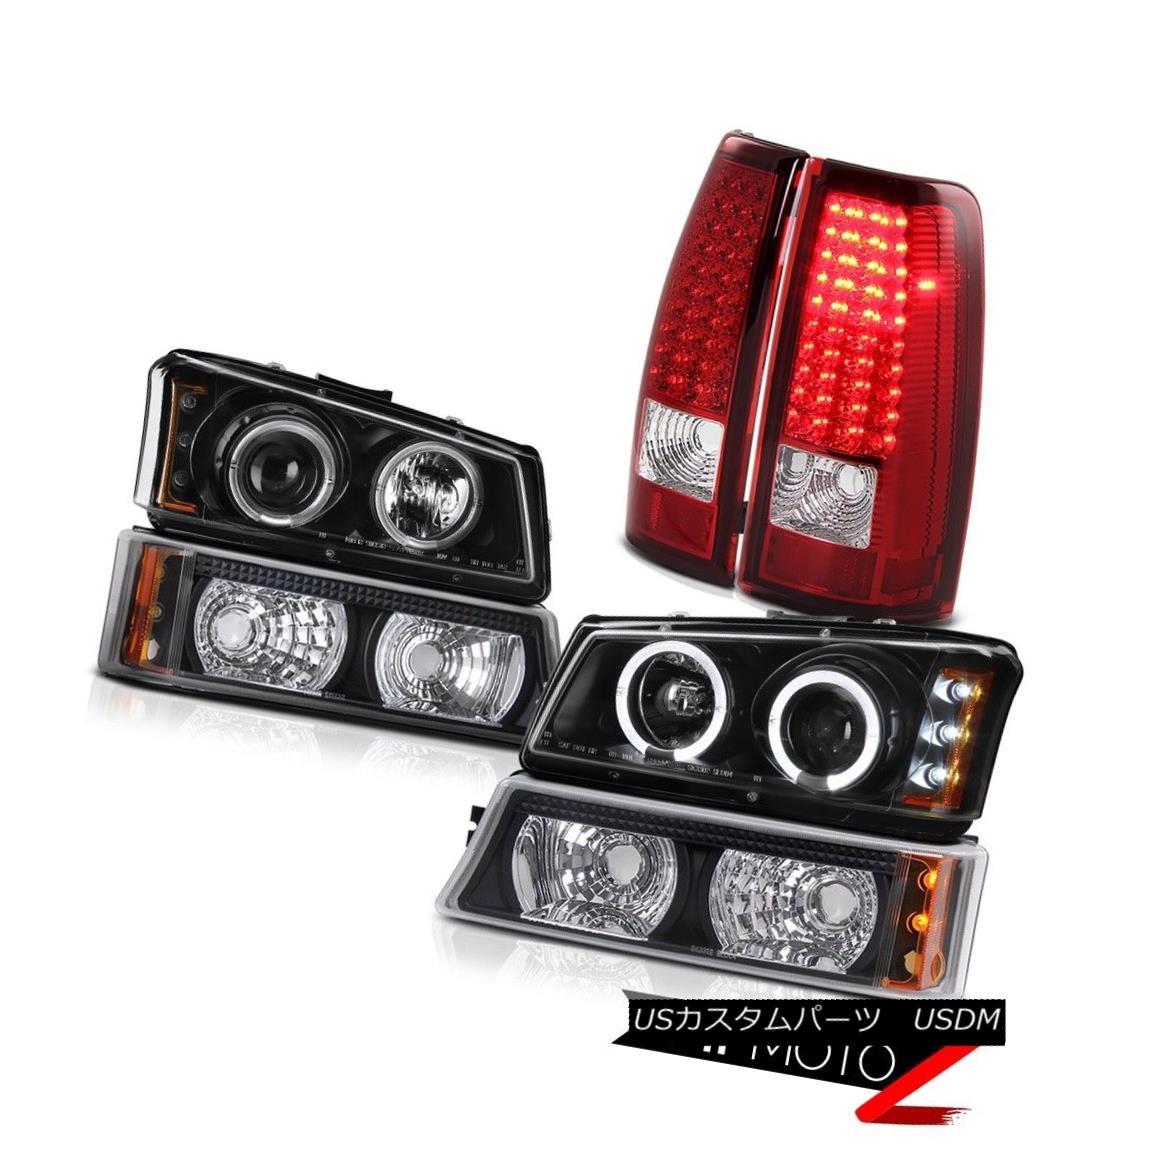 テールライト LED Daytime Head Lights Black Signal Brake Taillights 2003-2006 Silverado 3500HD LED昼間ヘッドライト黒信号ブレーキ羽口2003-2006 Silverado 3500HD